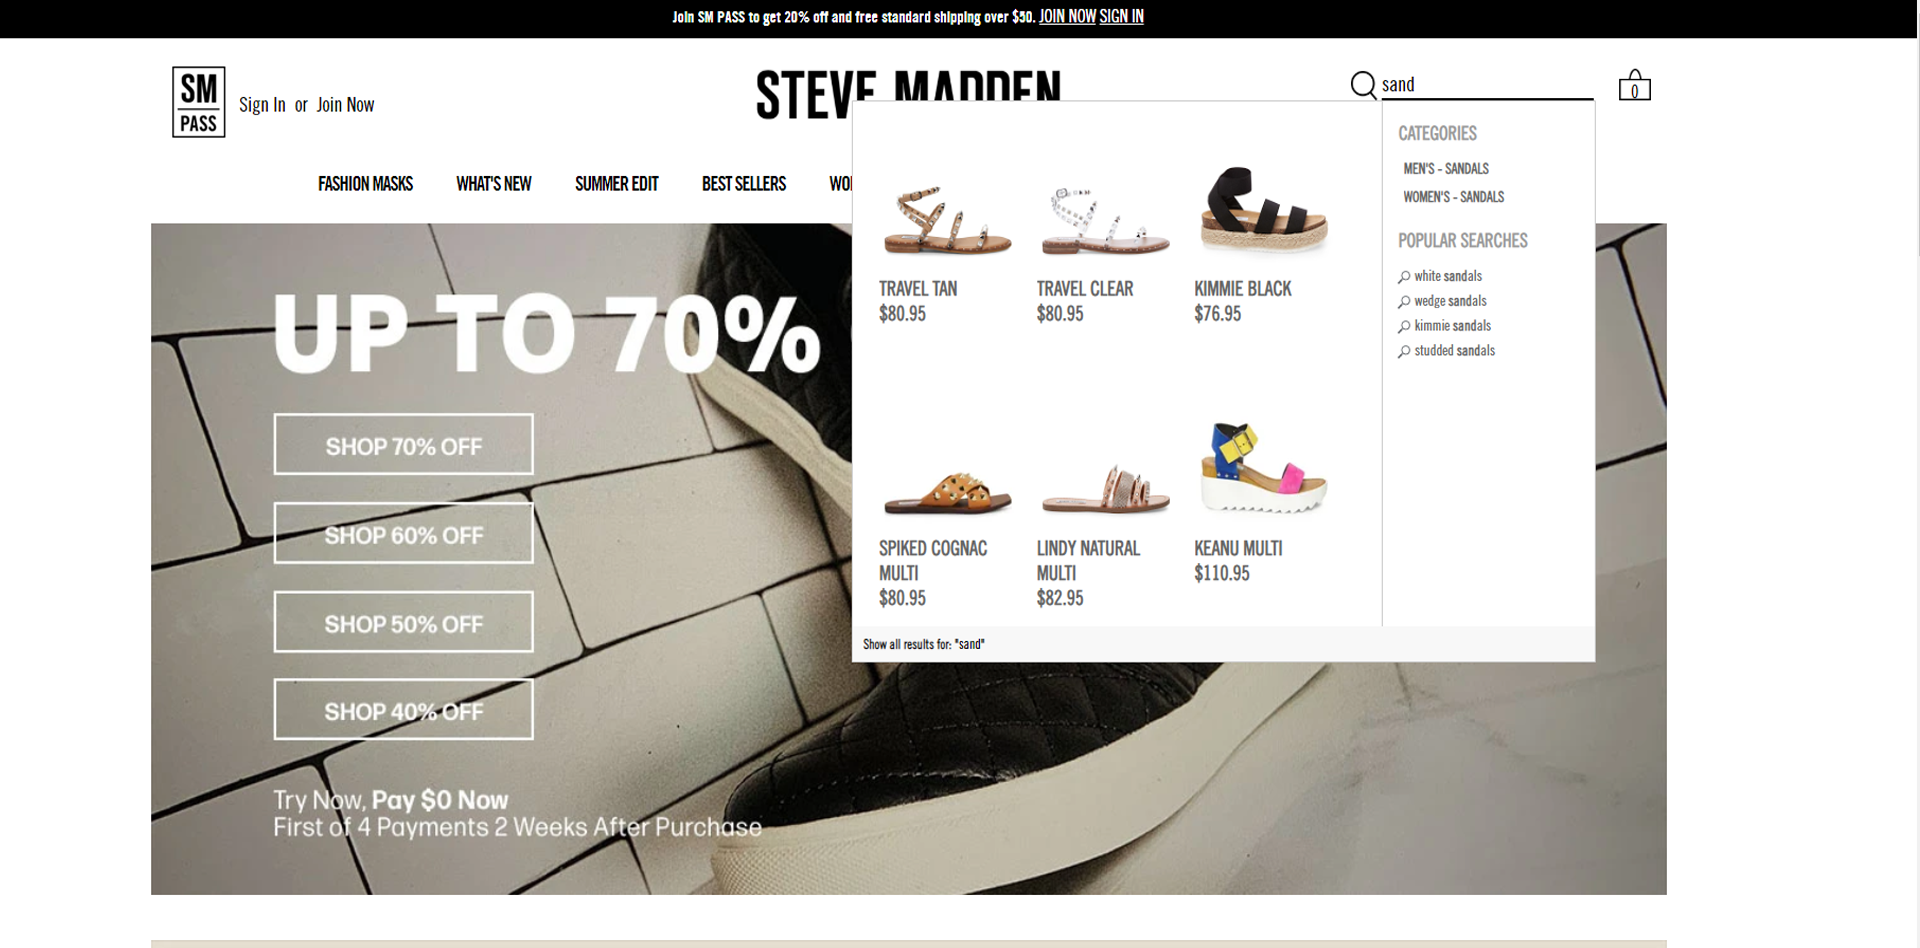 Steve Madden website snapshot